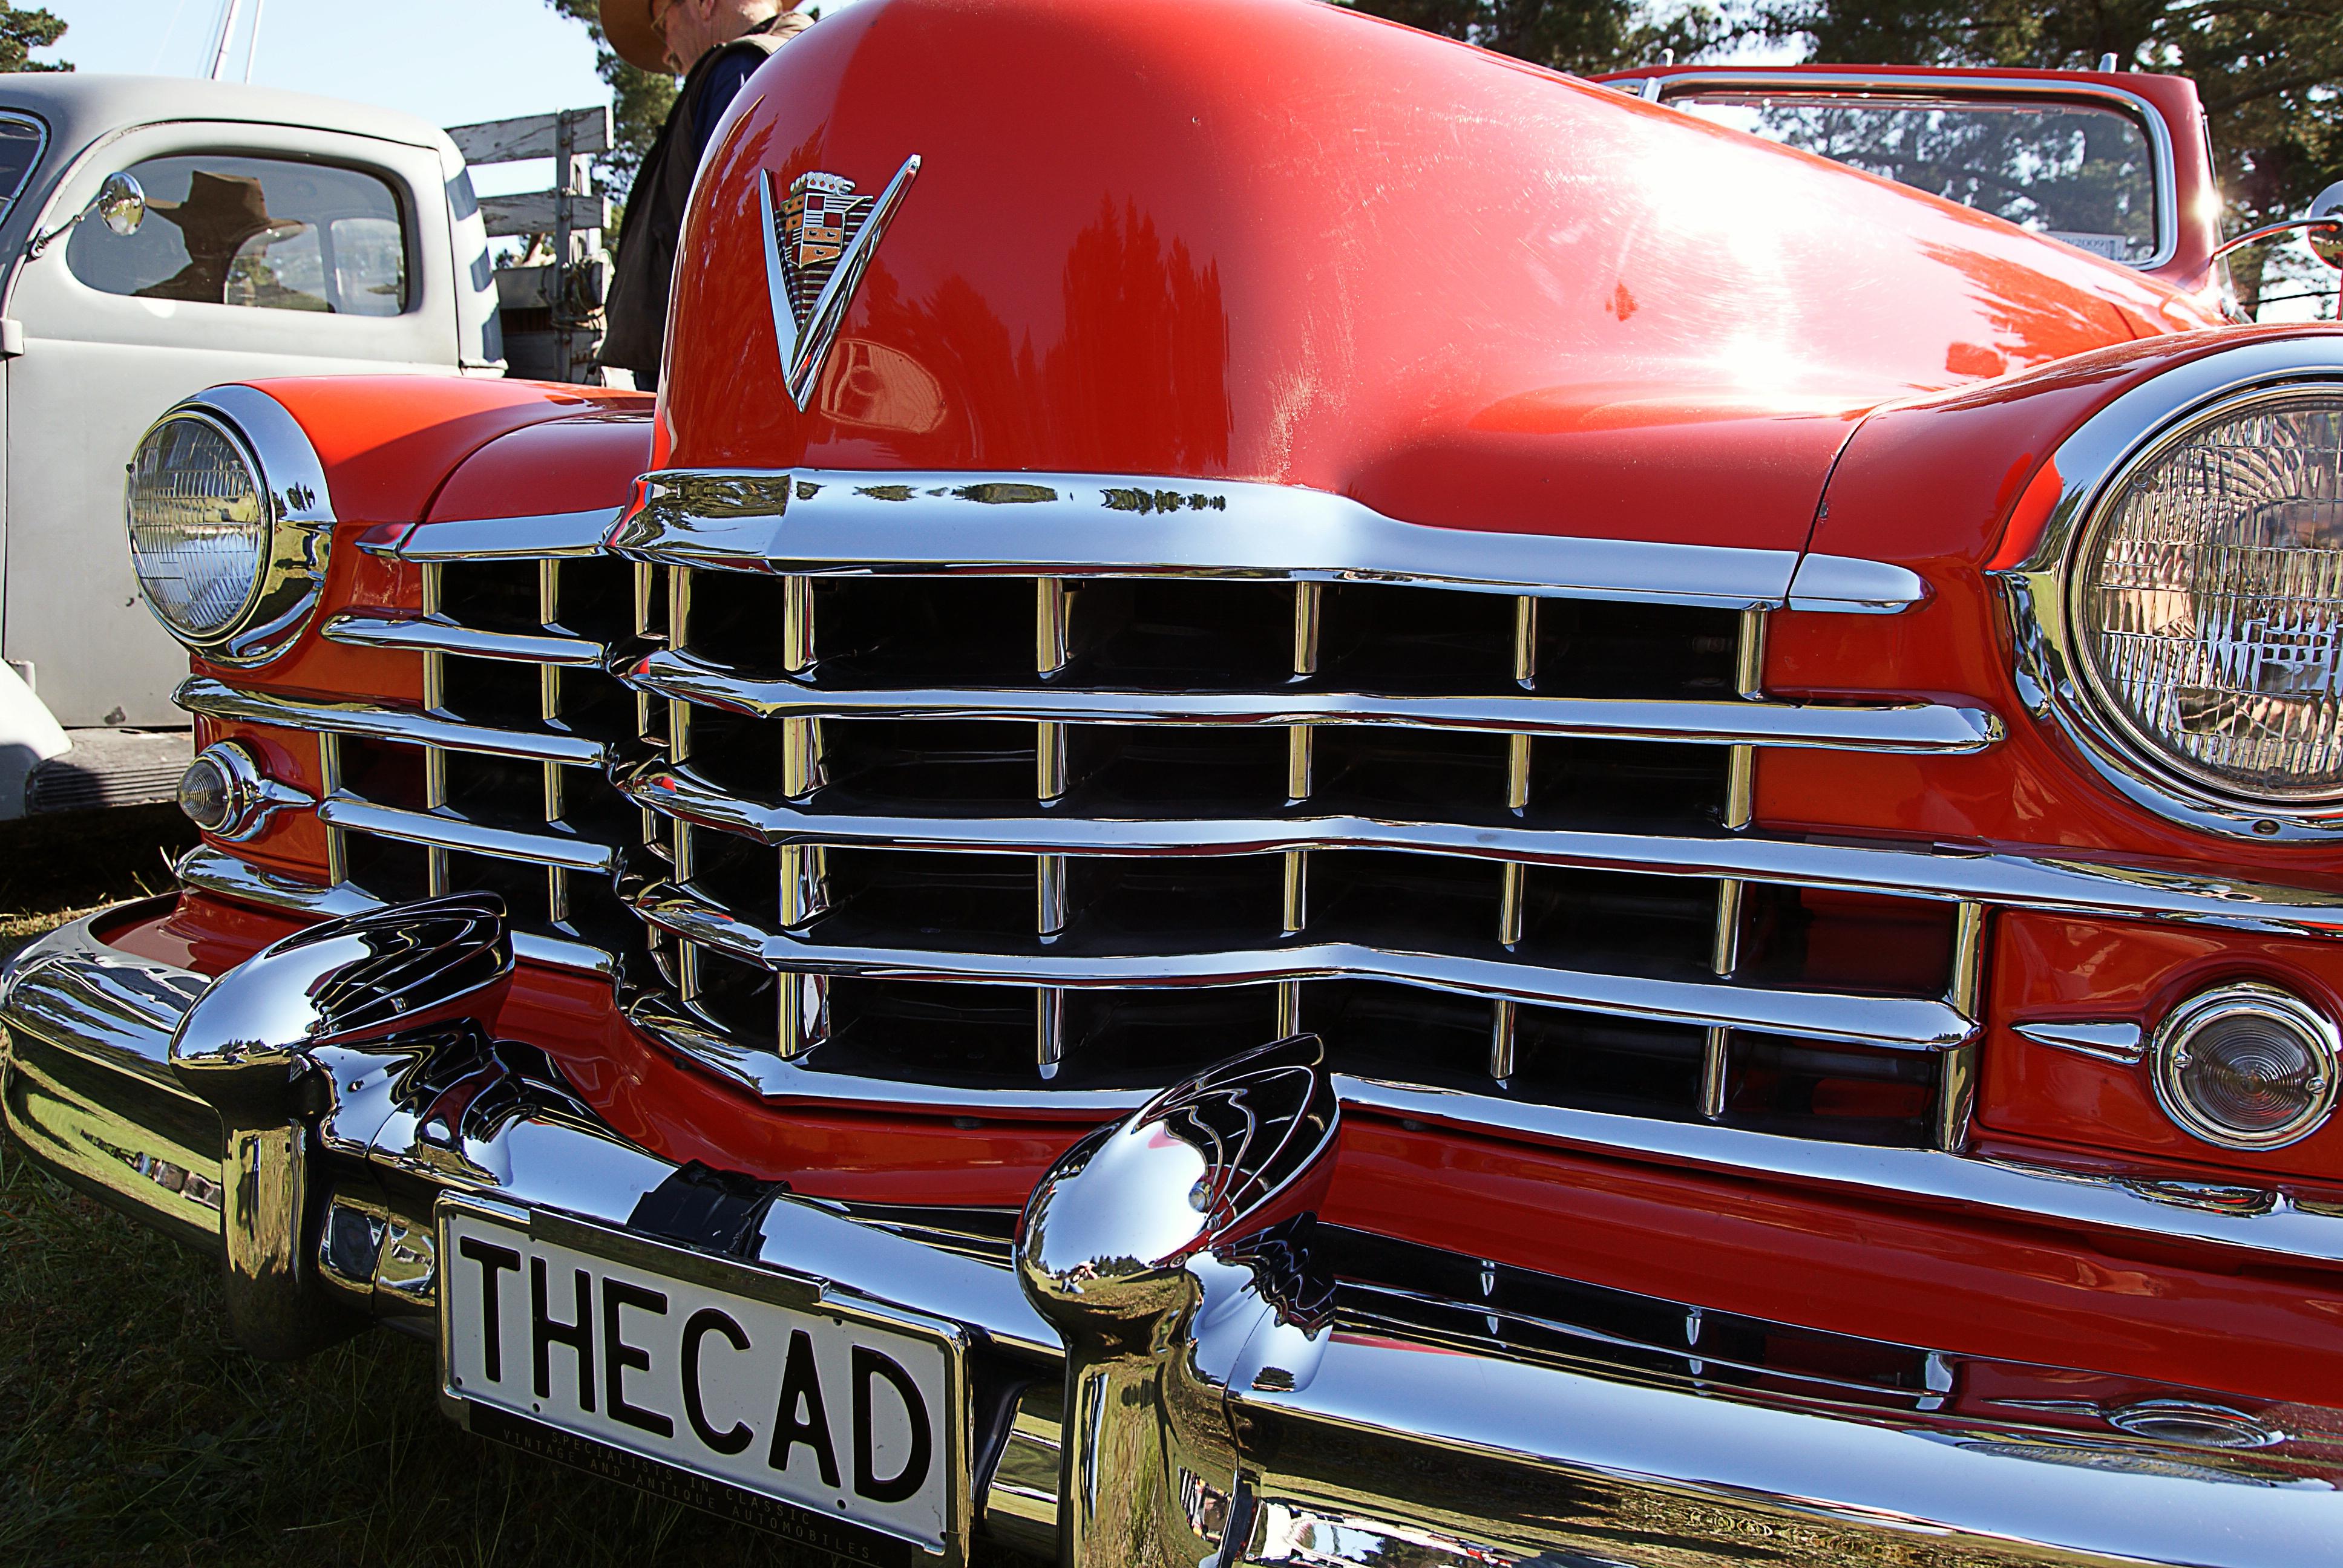 1947 Cadillac Chrome., Car, Car Shows, Free photos, Geo-Tagged, HQ Photo